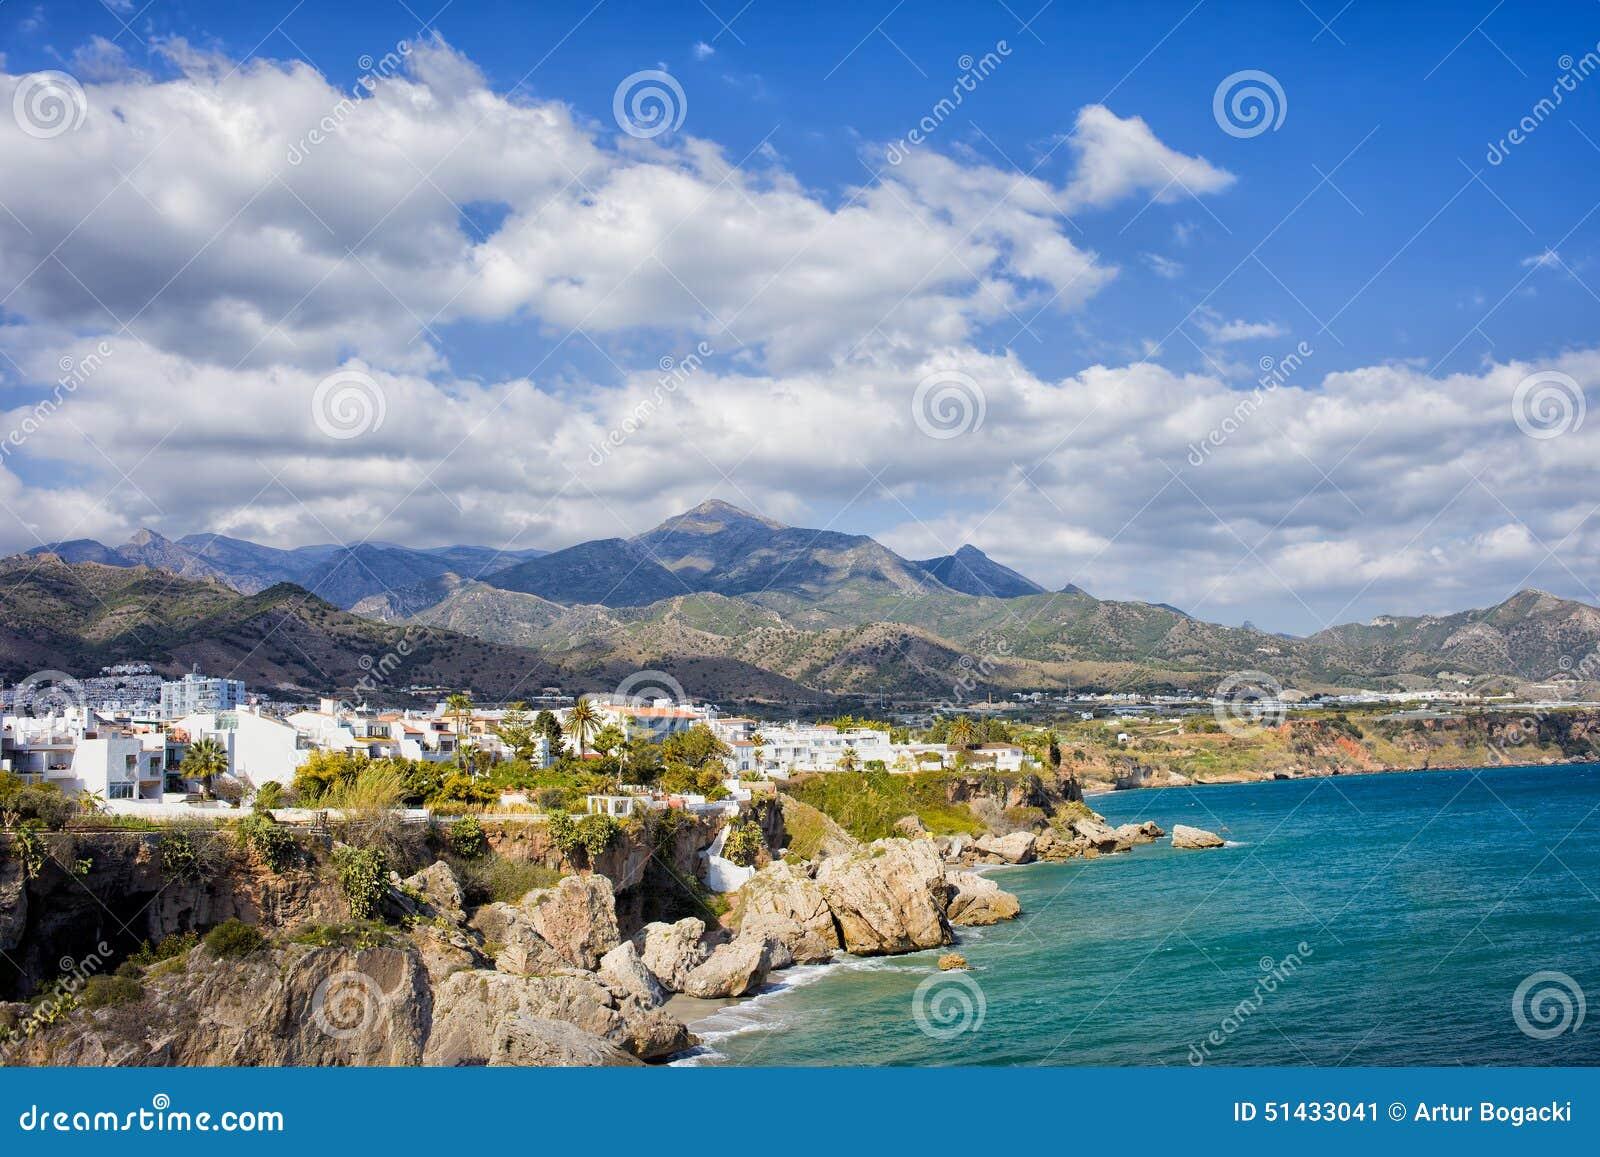 Litoral da cidade de Nerja na Espanha